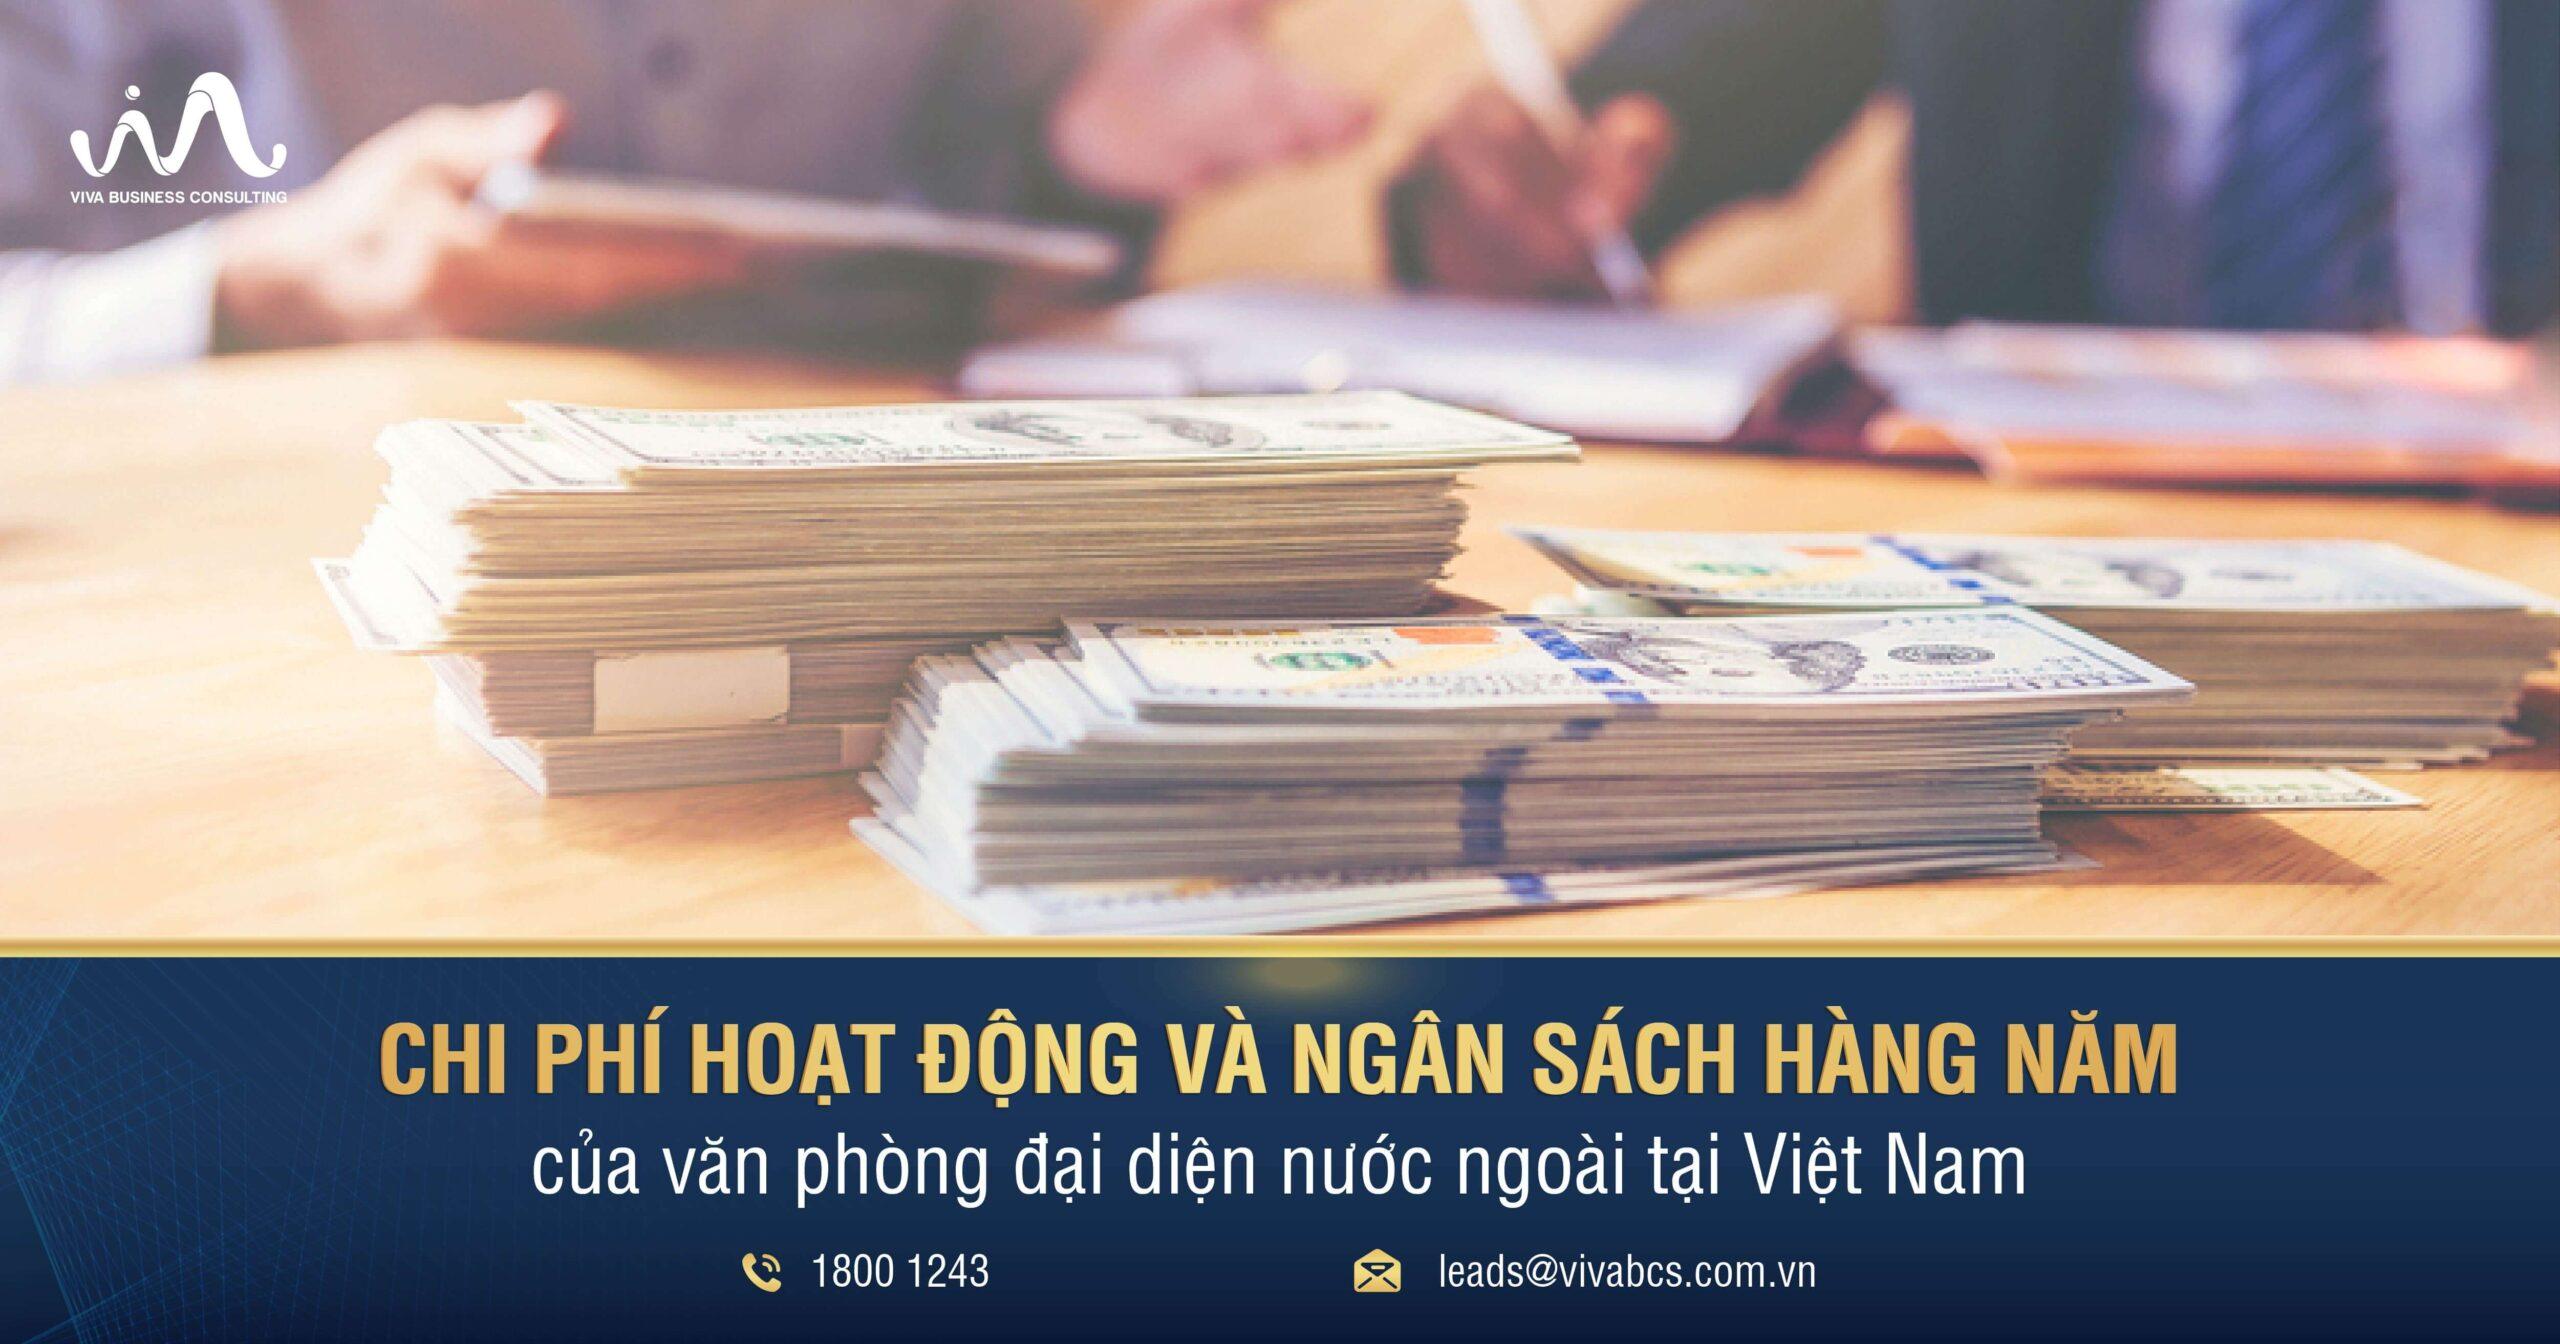 Chi phí hoạt động của văn phòng đại diện nước ngoài